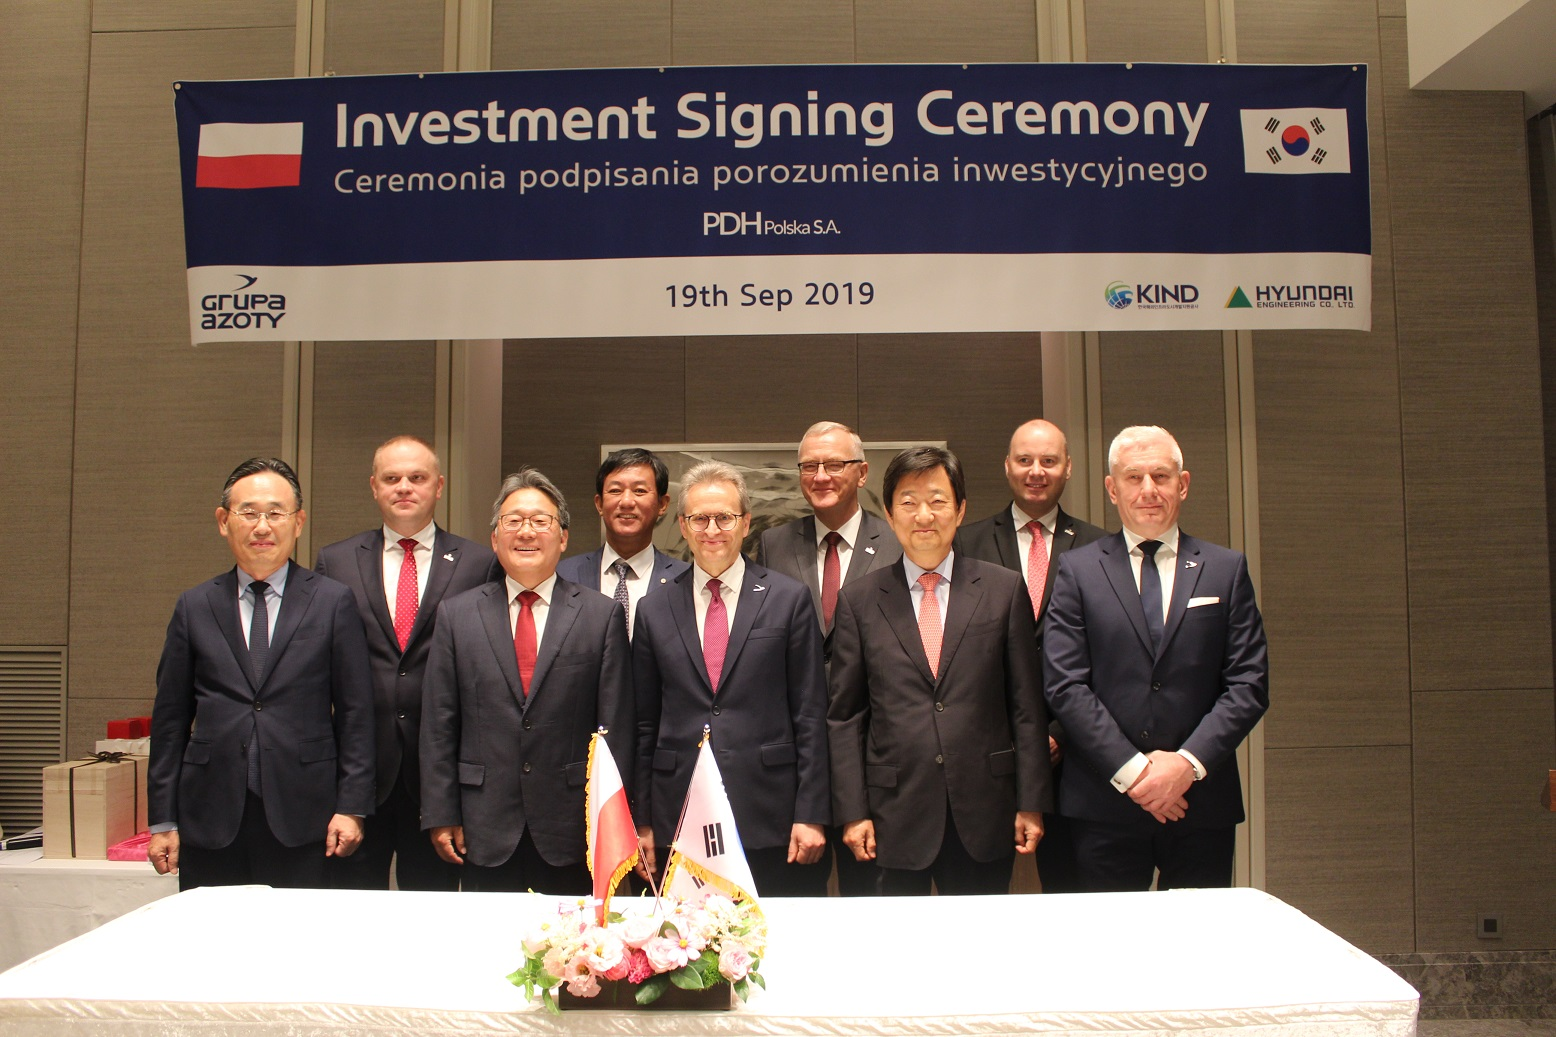 Na podstawie porozumienia Hyundai Engineering i KIND zobowiązują się do zainwestowania, odpowiednio, 73 mln USD i 57 mln USD, poprzez wniesienie wkładów pieniężnych na pokrycie podwyższonego kapitału zakładowego Grupy Azoty Polyolefins S.A.